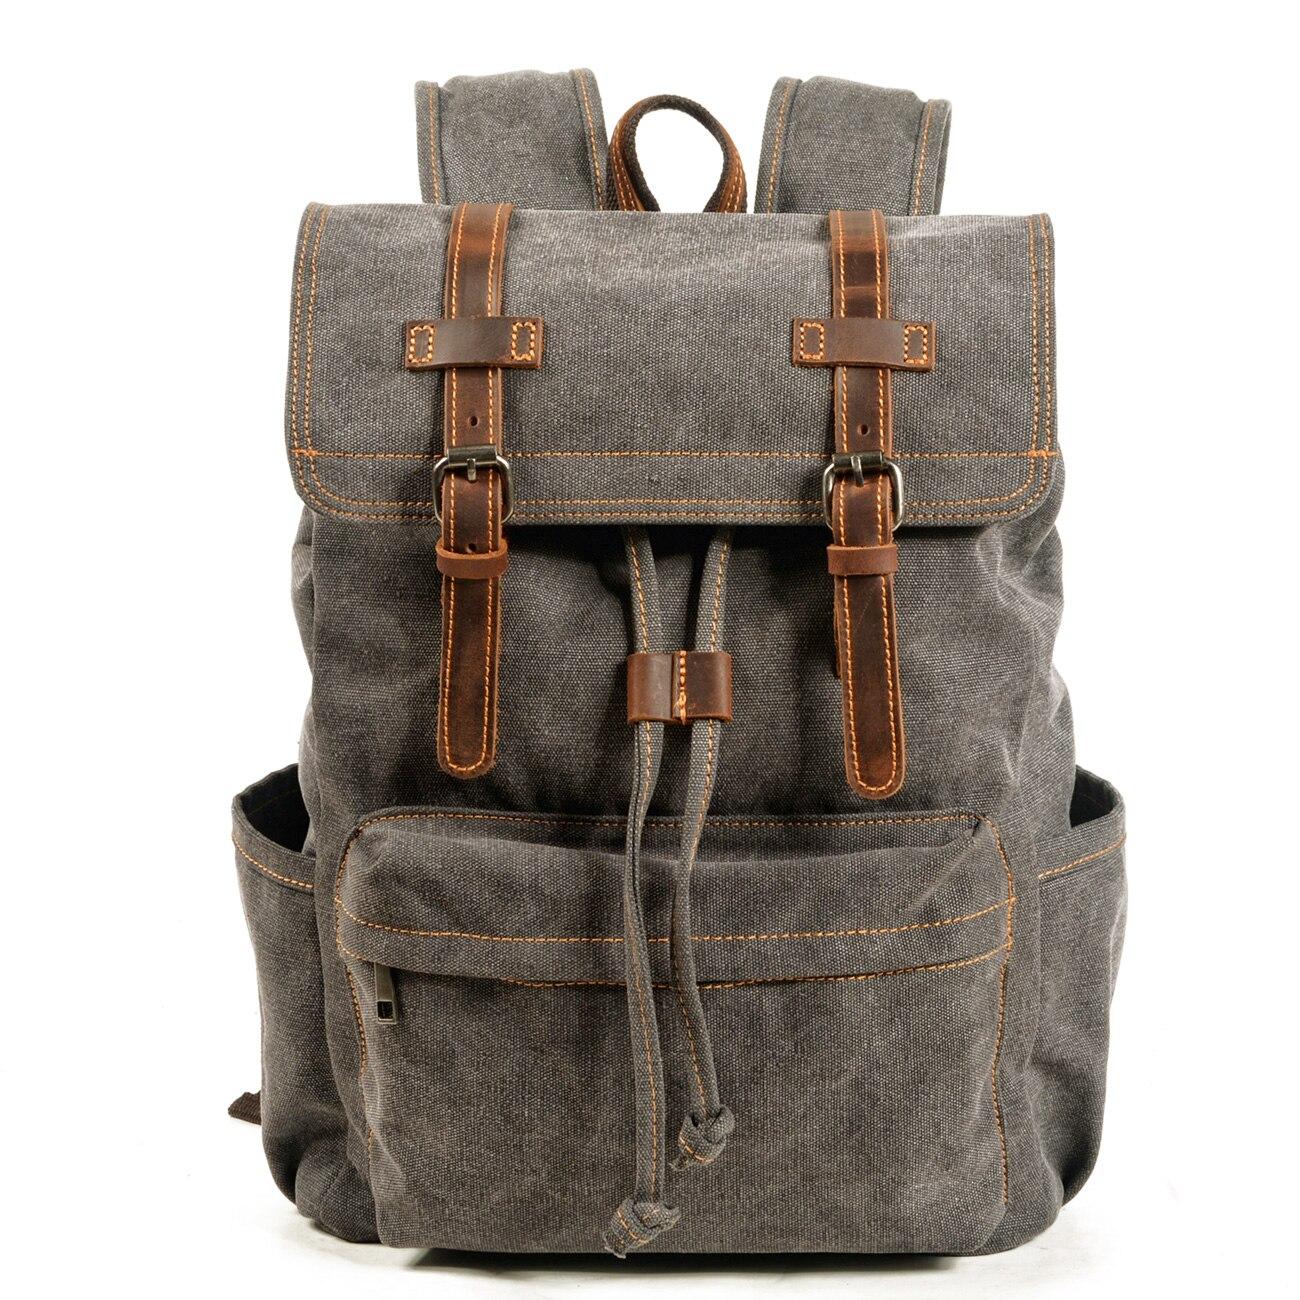 VZVA الرجعية في الهواء الطلق على ظهره الذكور السفر حقيبة مدرسية السفر حقيبة ظهر للكمبيوتر طالب كلية المدرسة الثانوية طالب صغار عالية scho